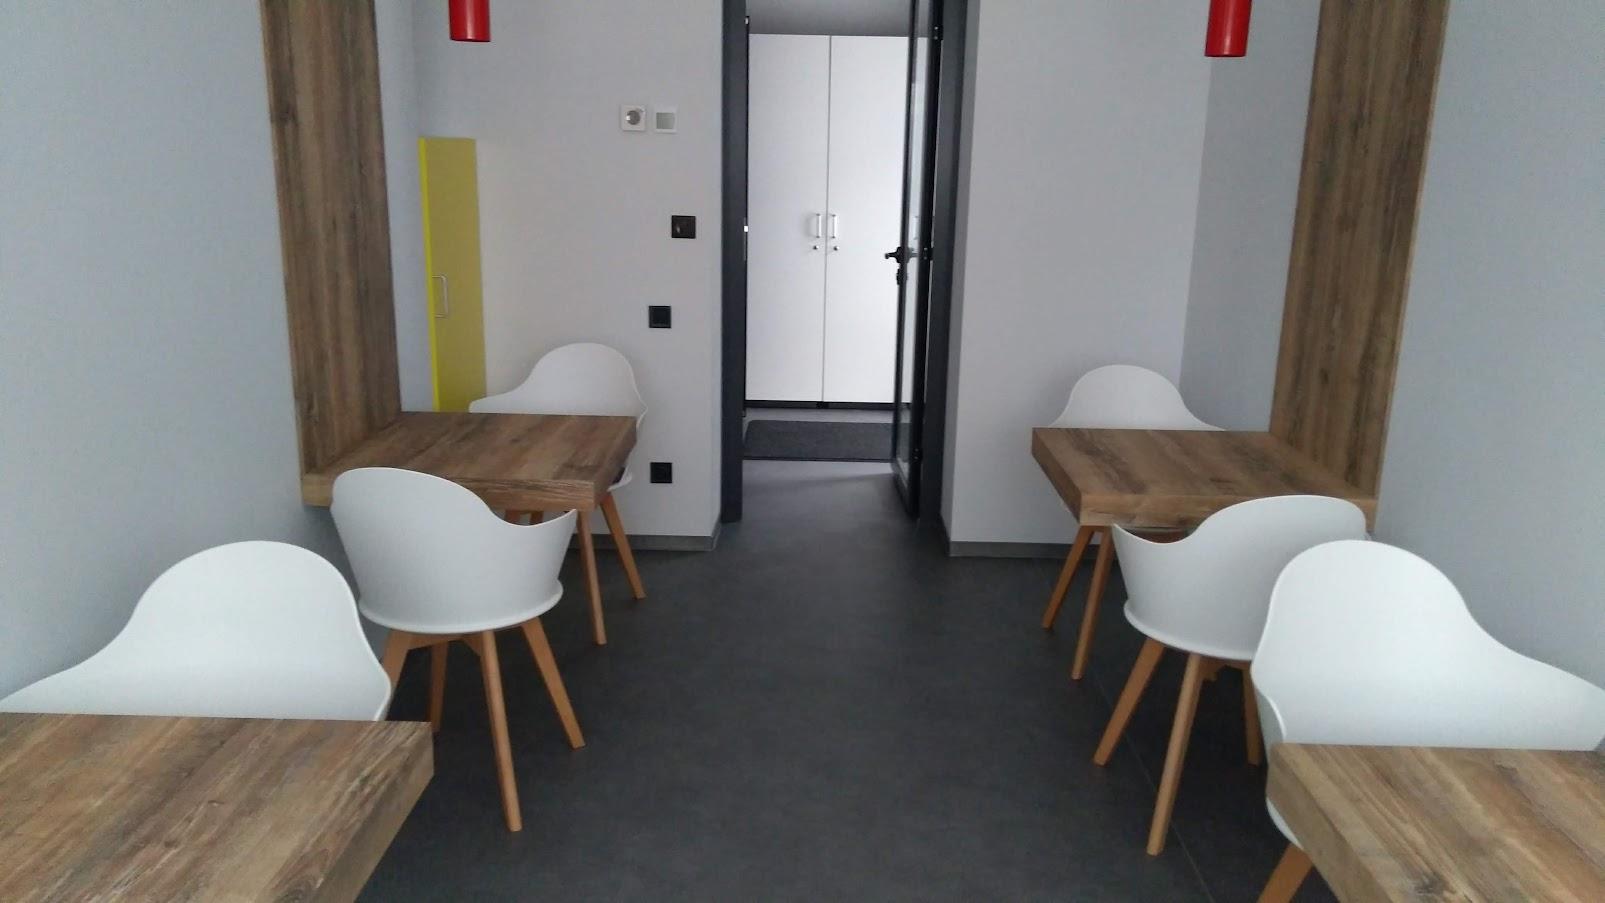 Навесные столы, пластик hpl